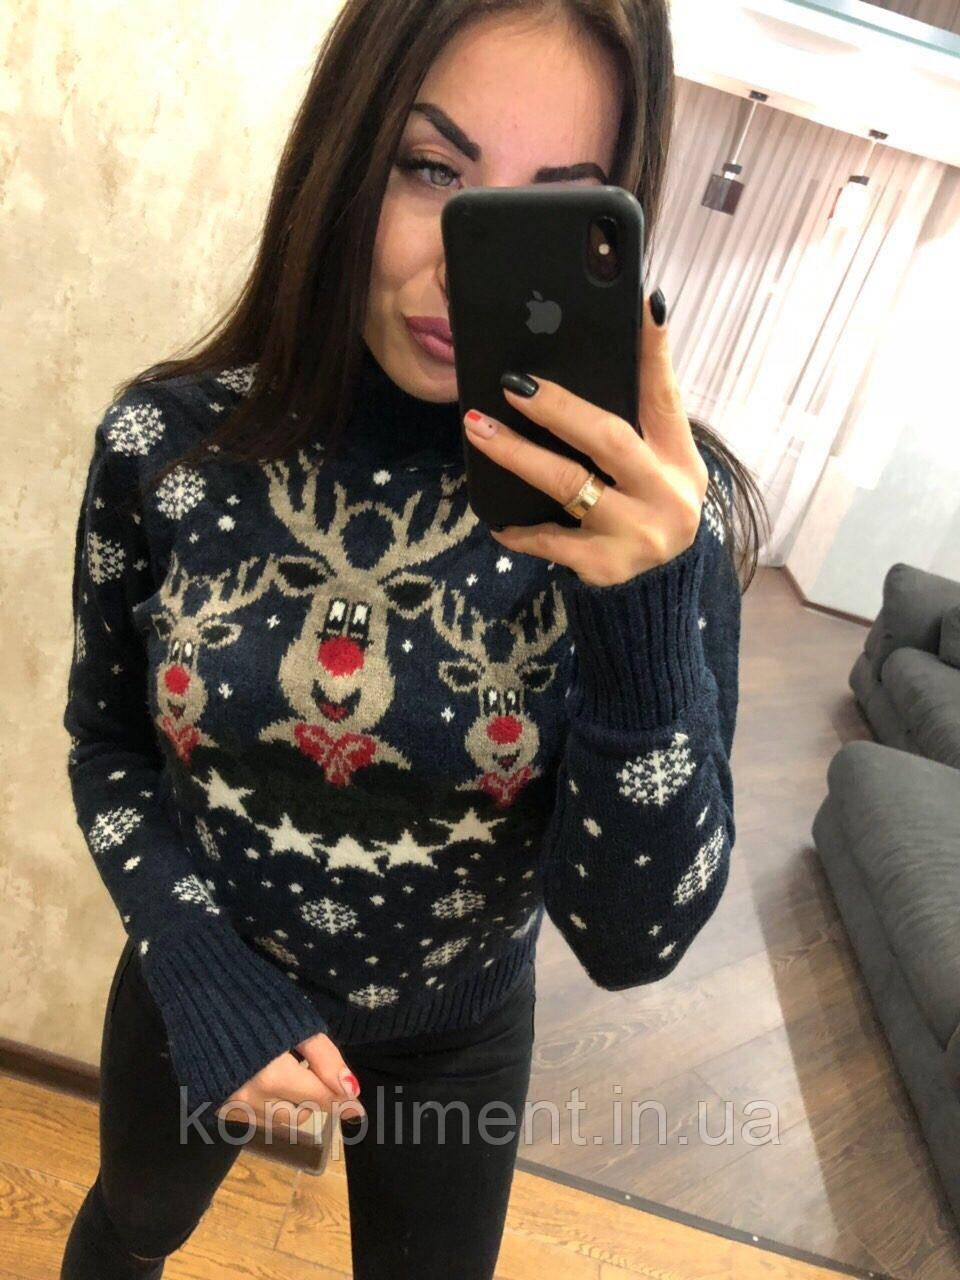 Женский вязаный свитер с зимним принтом, синий.Турция